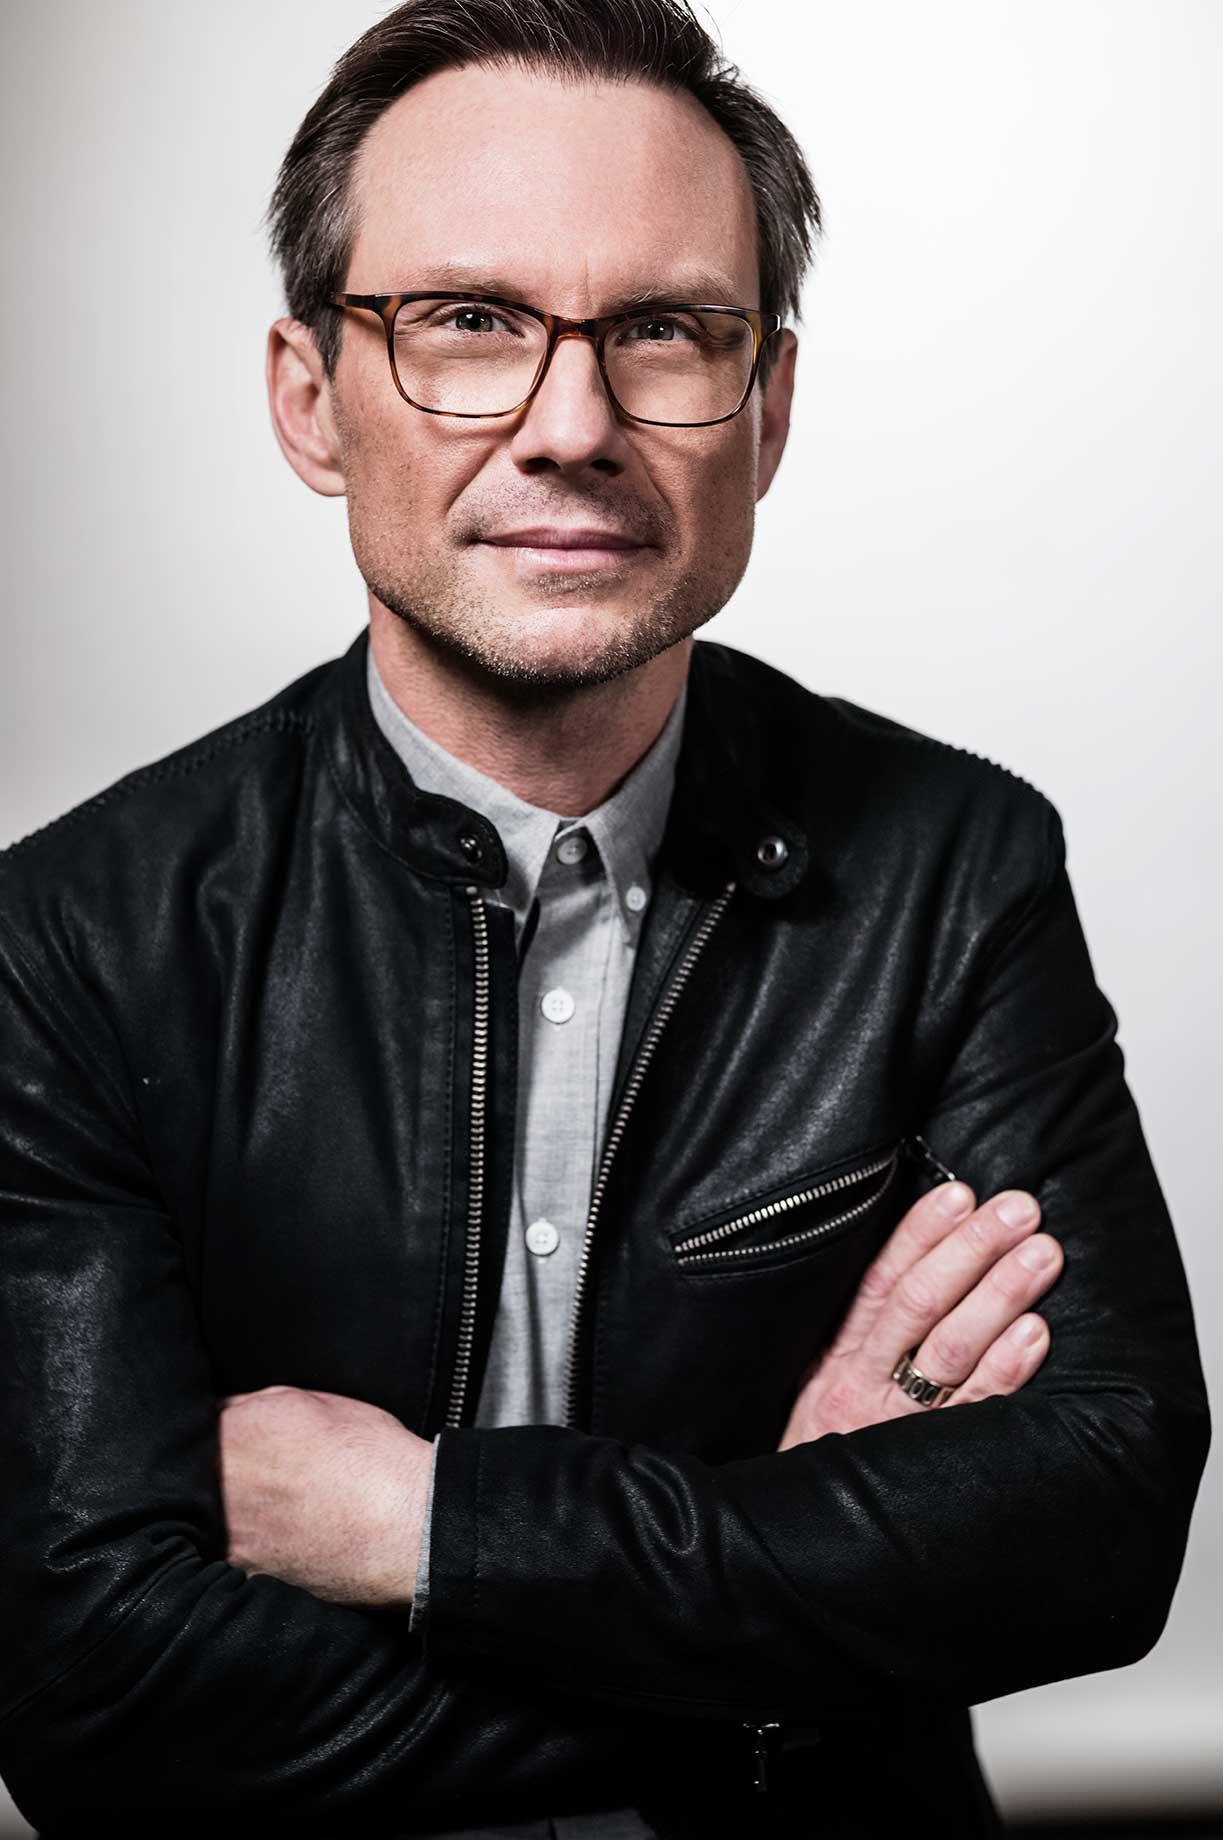 Christian-Slater---Mr-Robot-00072-1.jpg